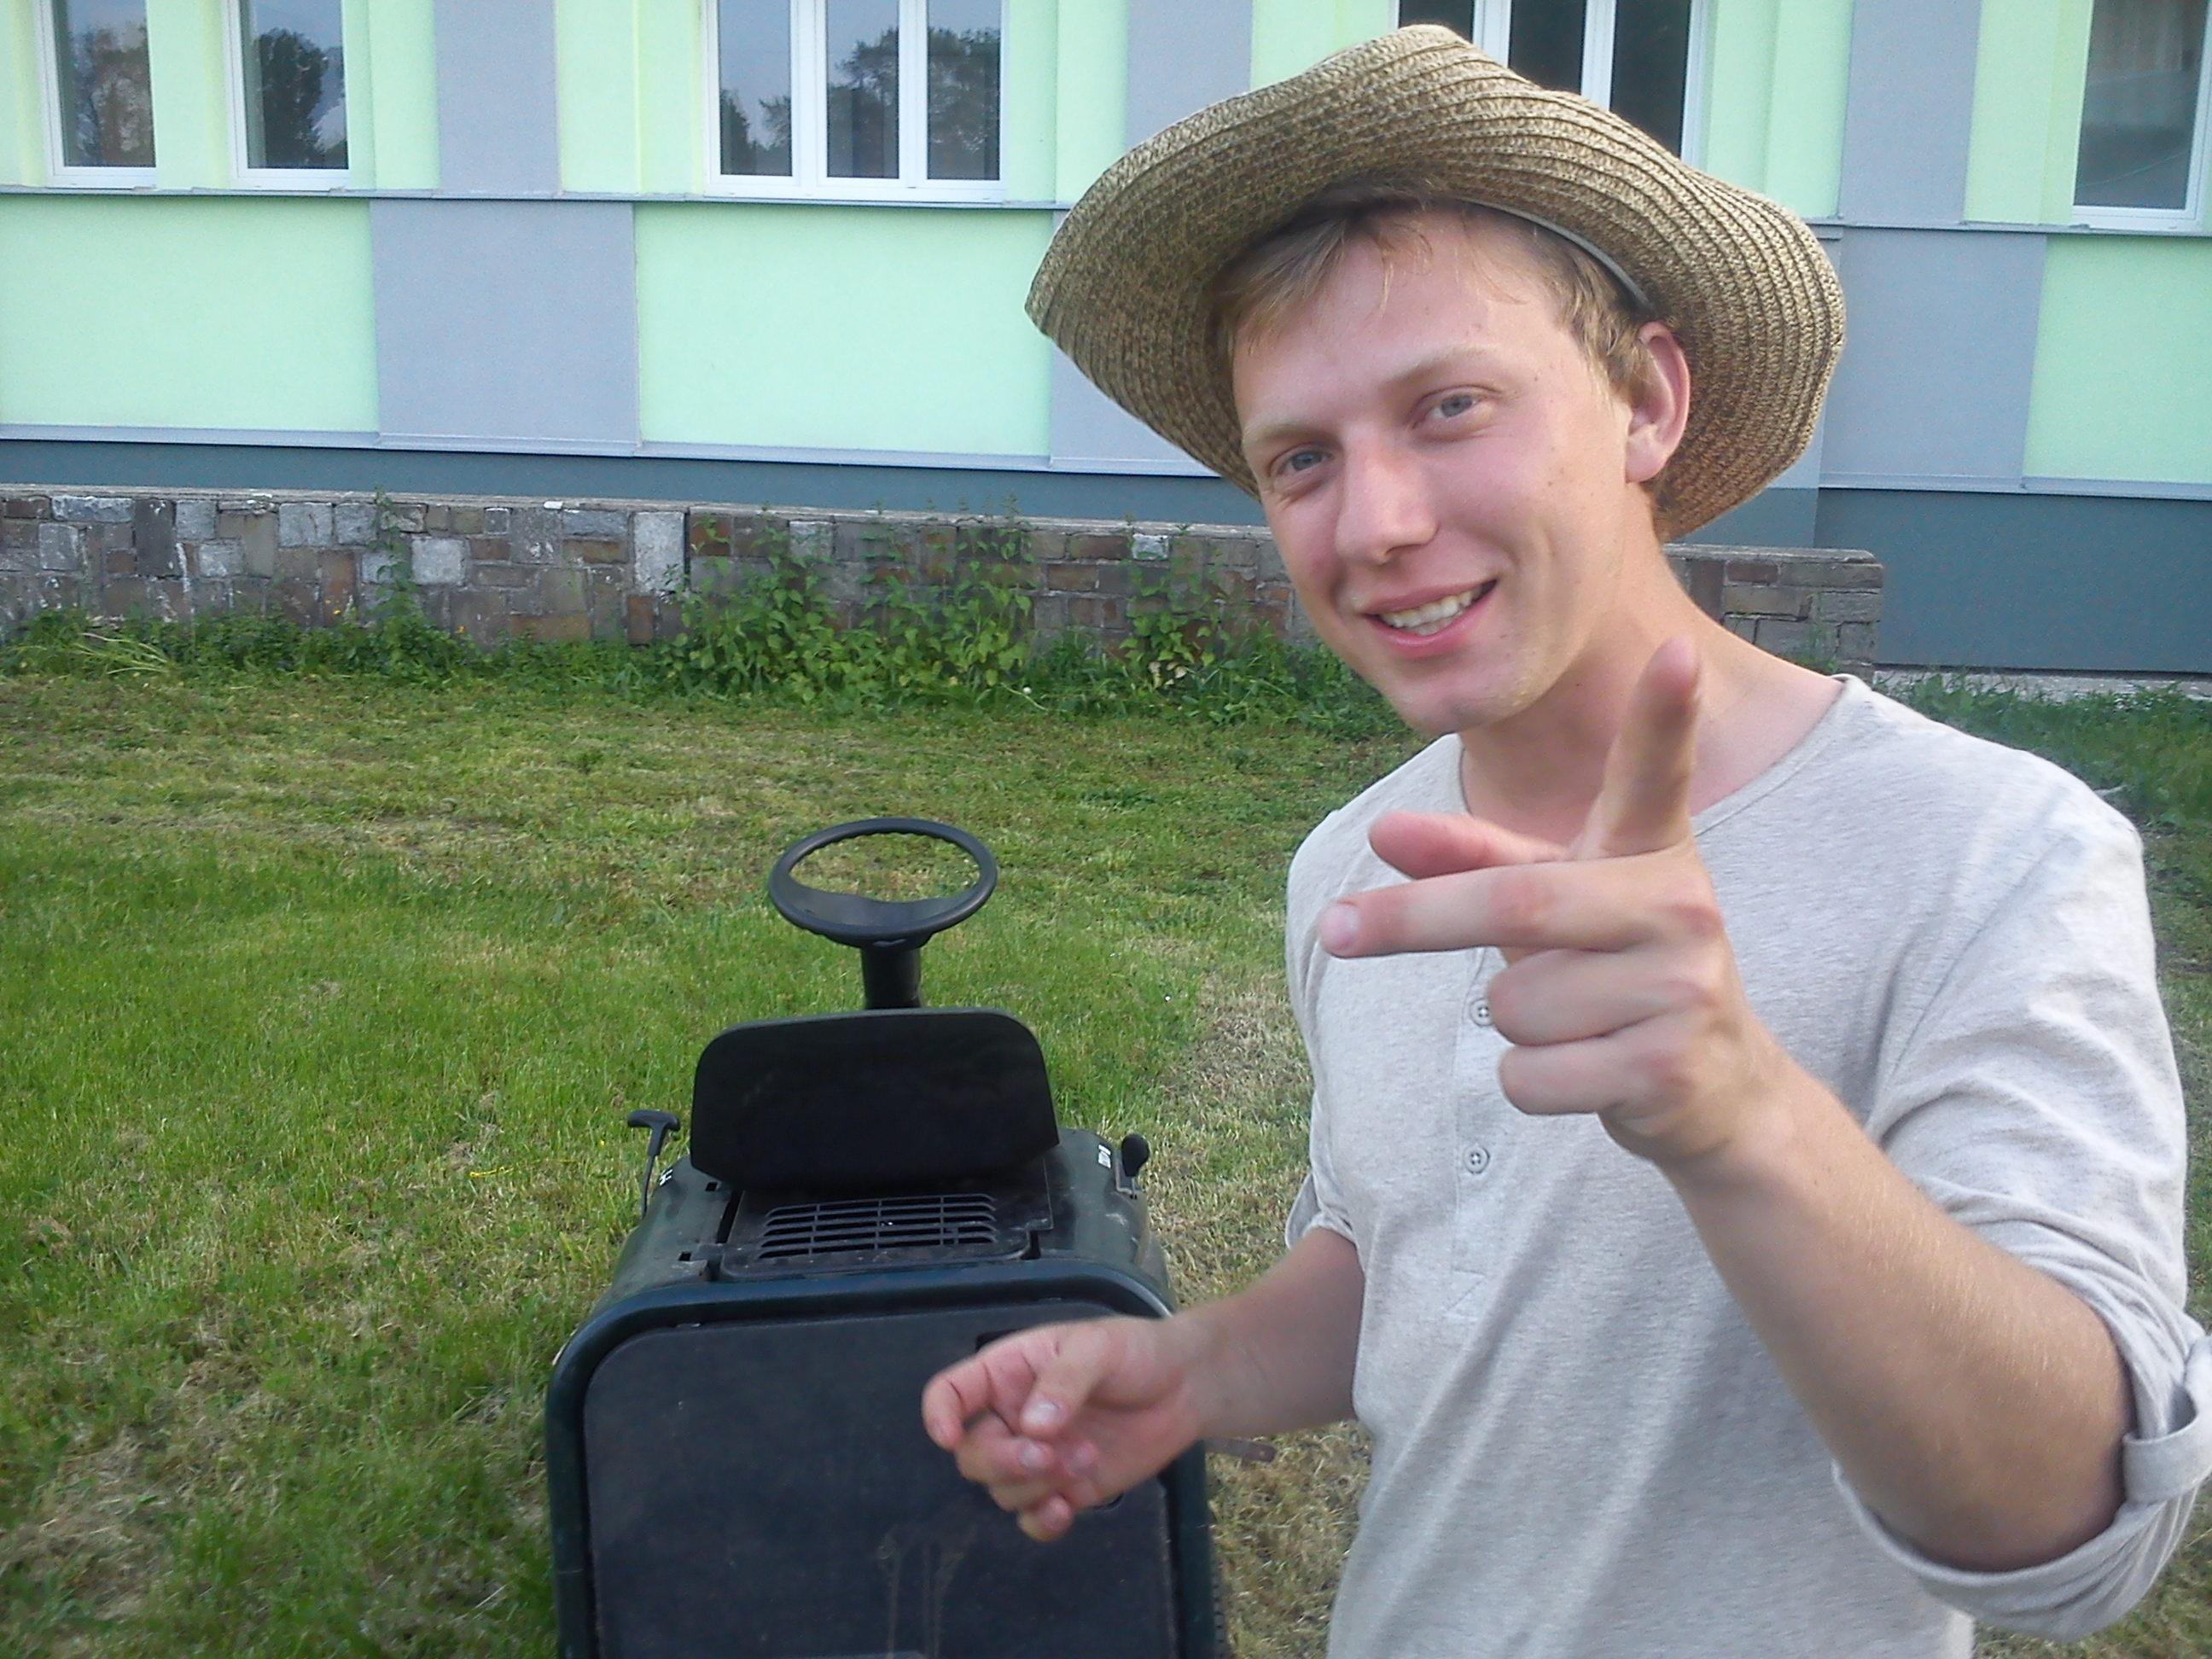 Farmář hledá traktor